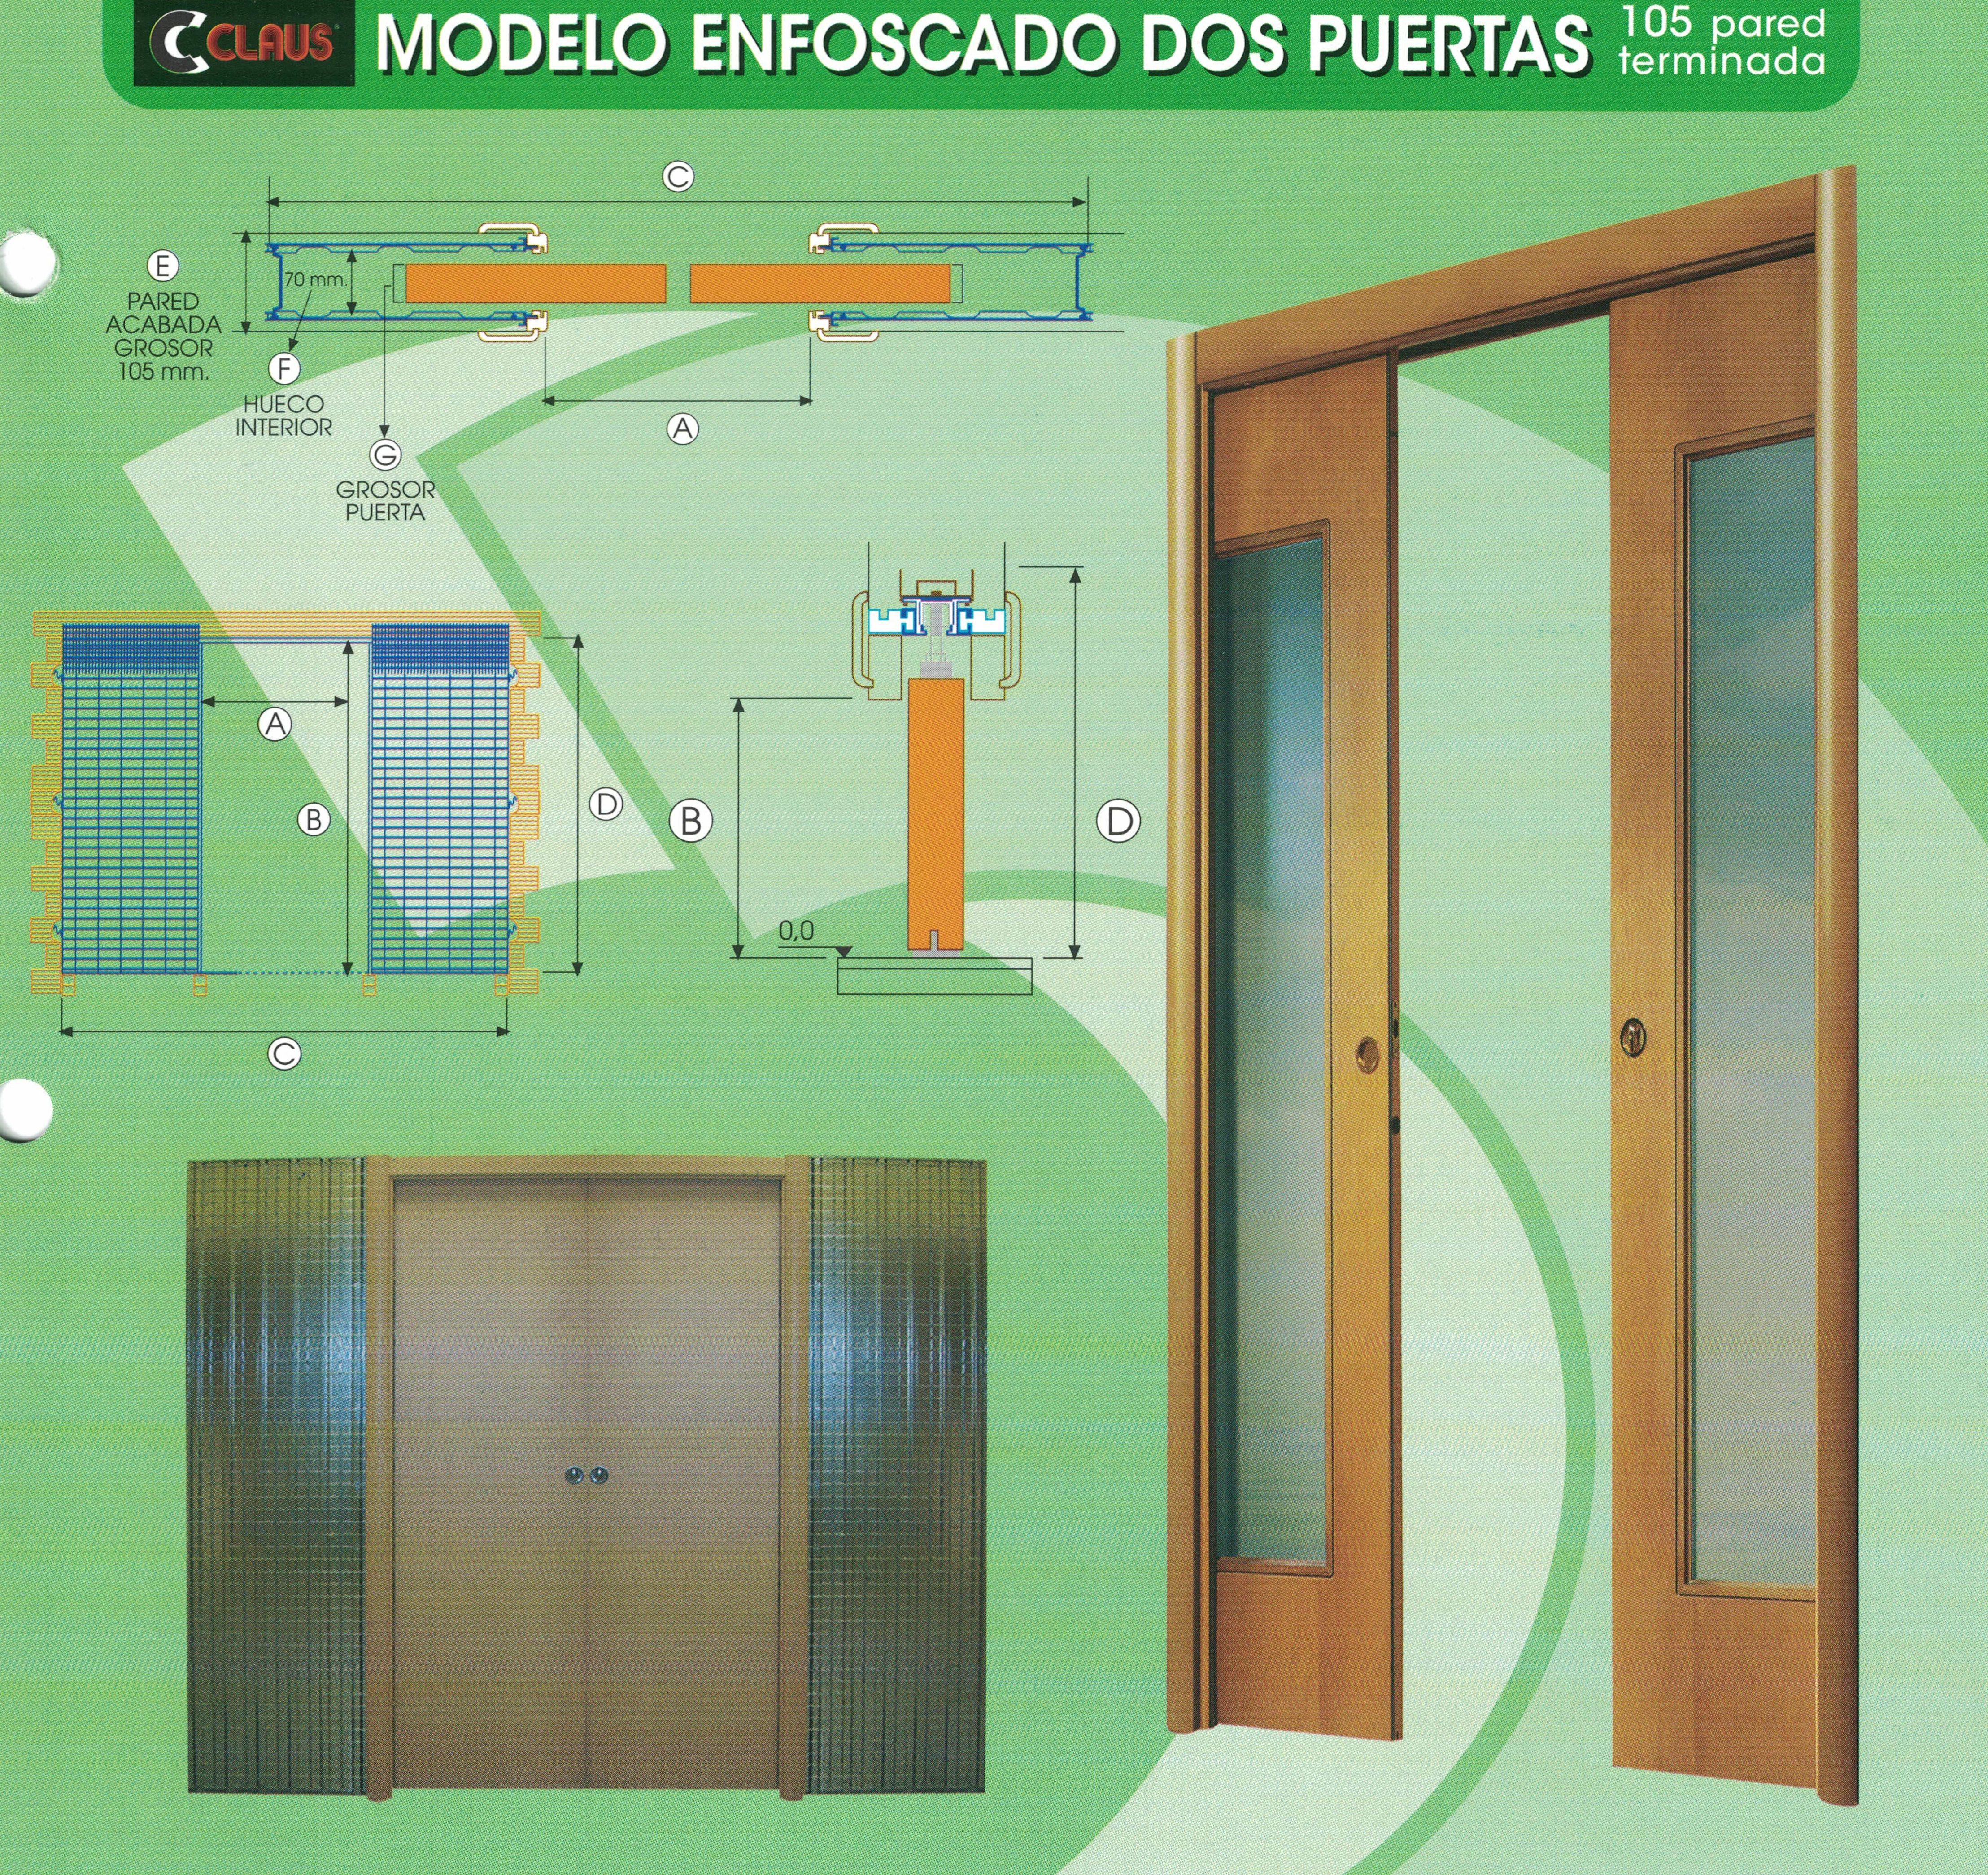 Casoneto enfoscado dos puertas: Productos y servicios de Depoceramic